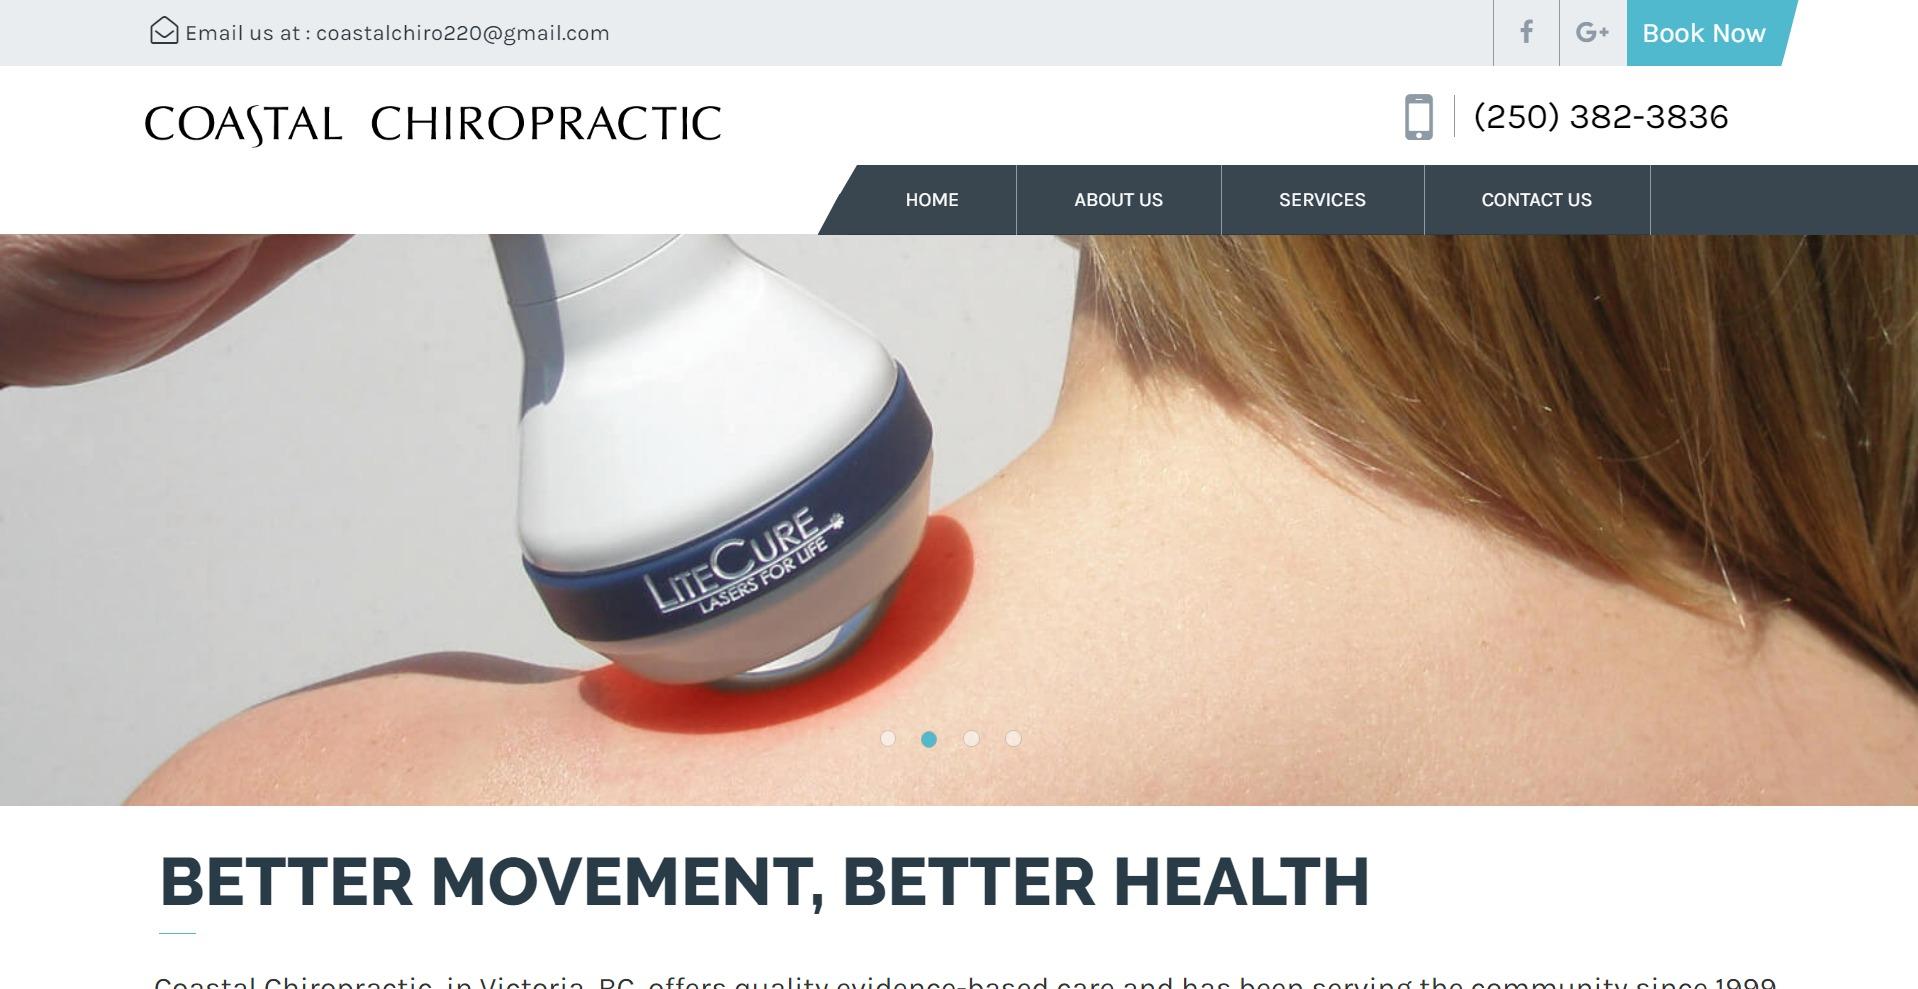 Screenshot of Coastal Chiropractic website